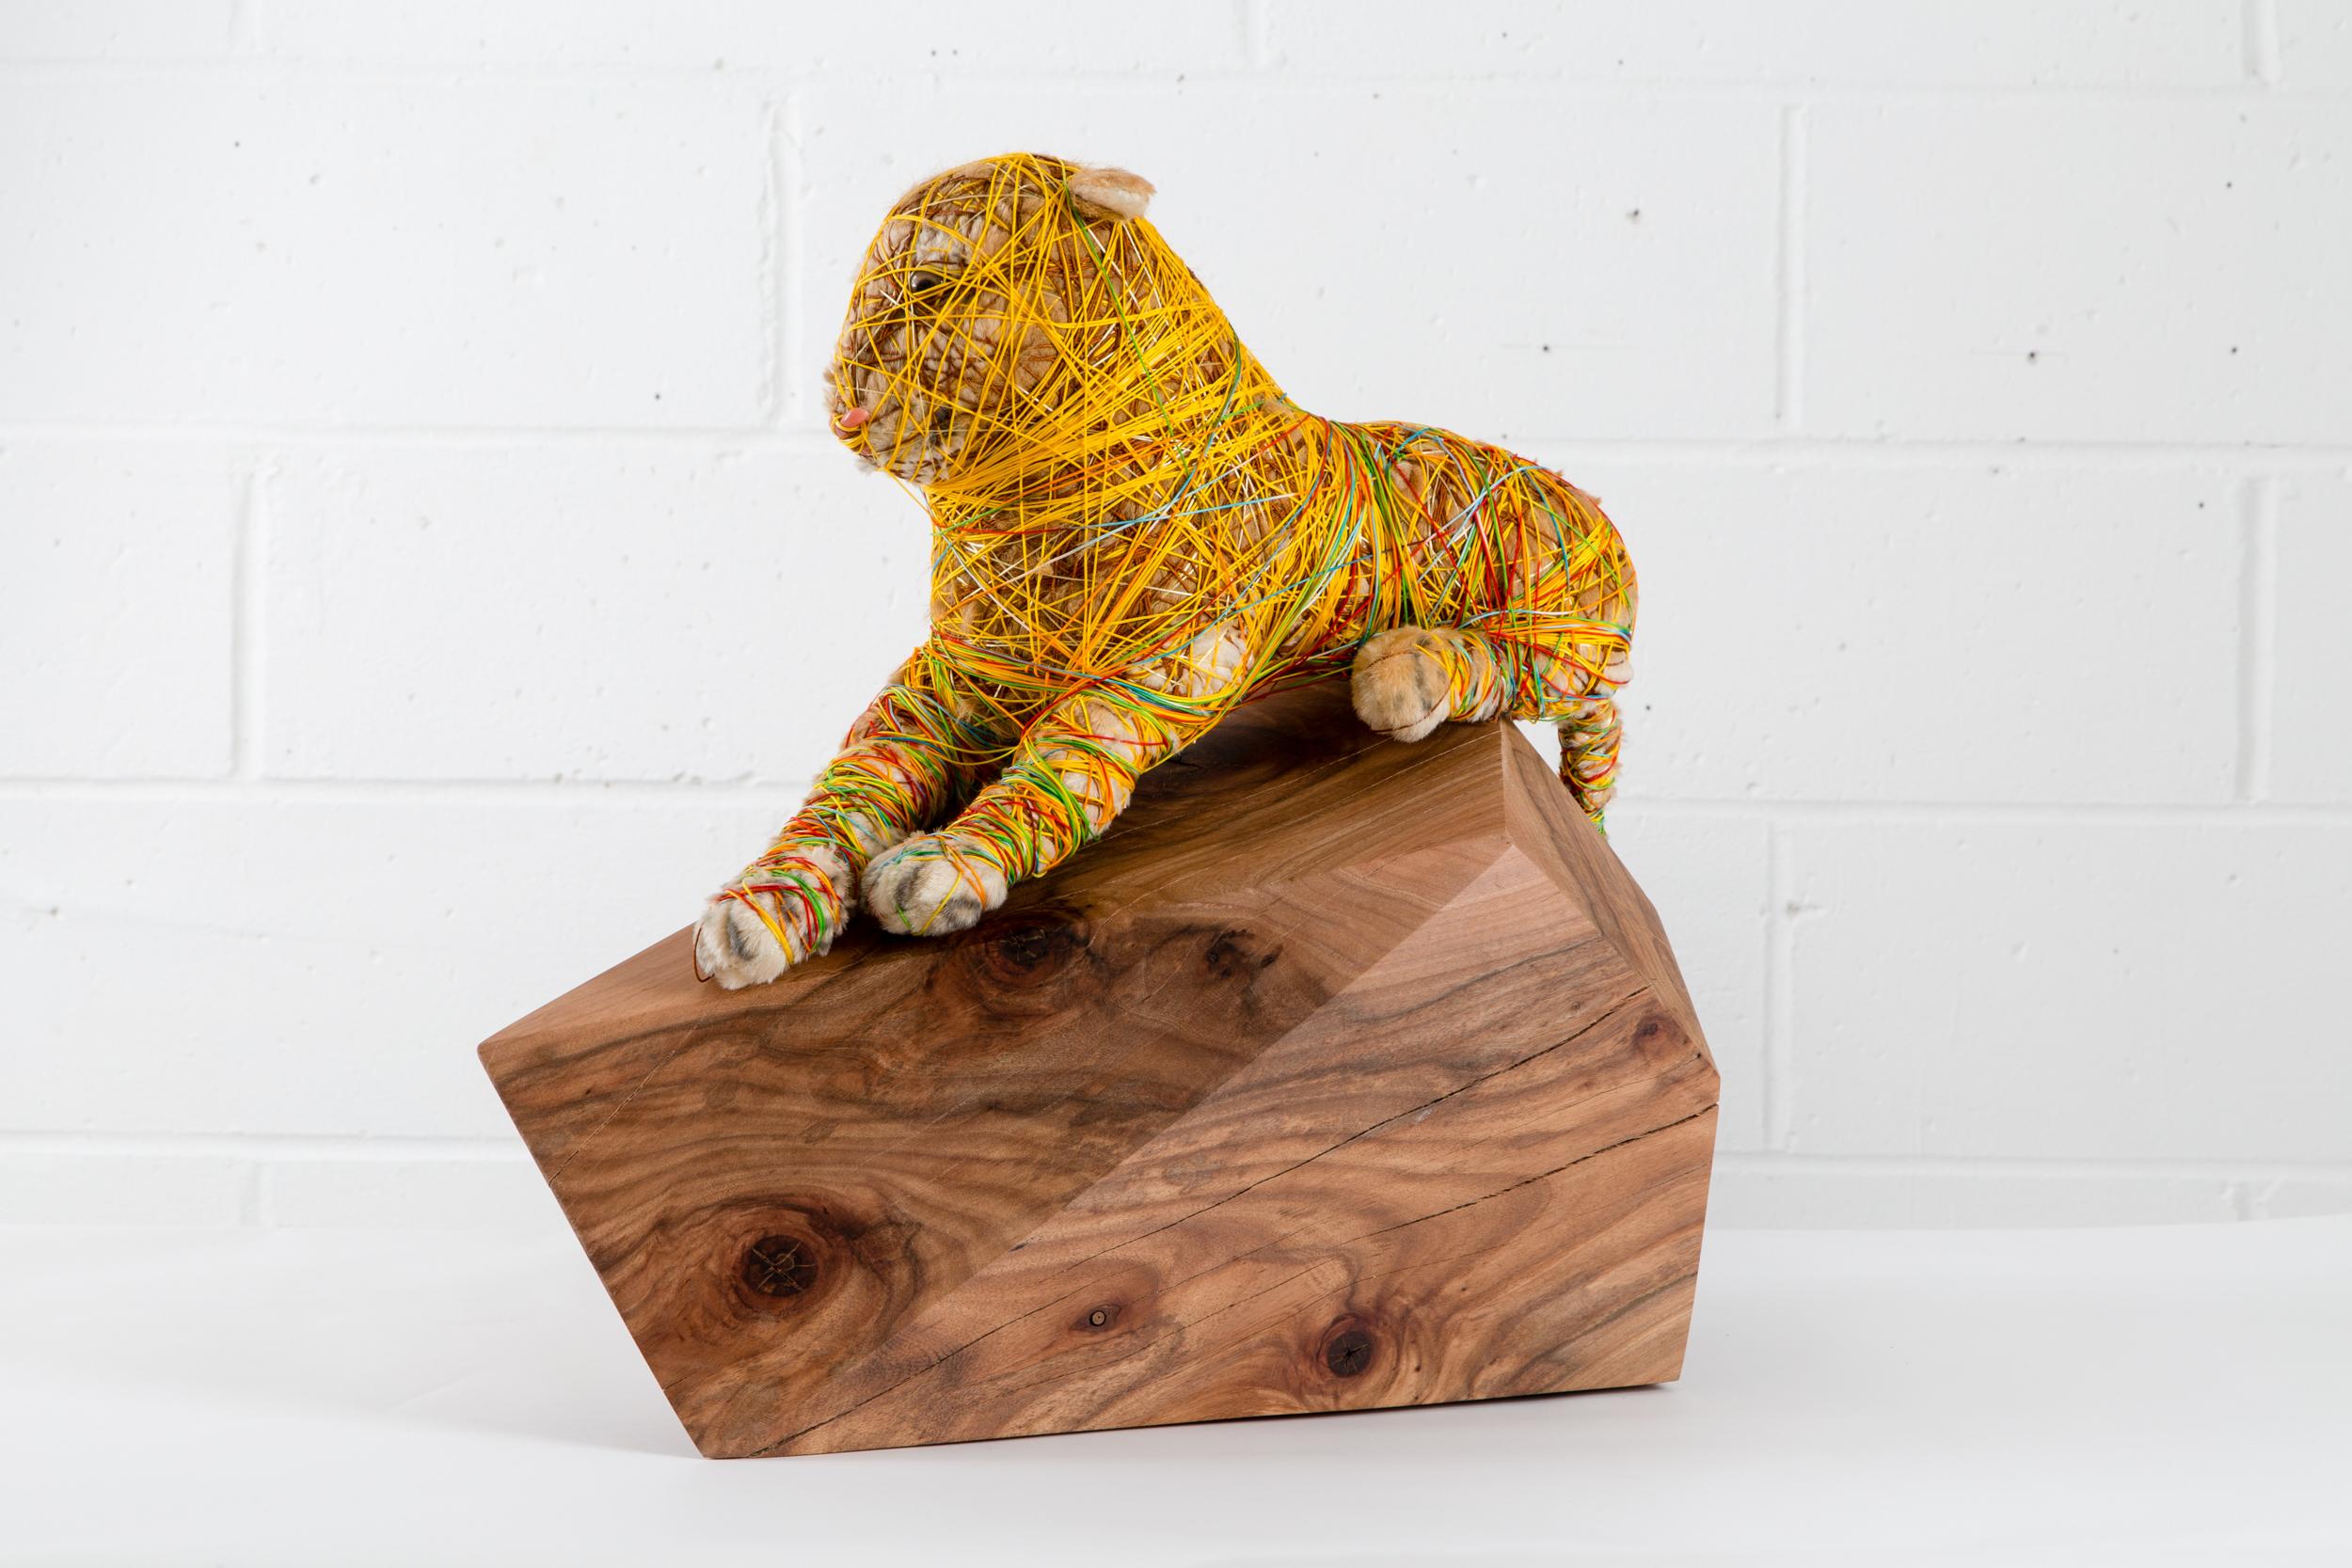 Tigon 48.5x31x52cm 2016